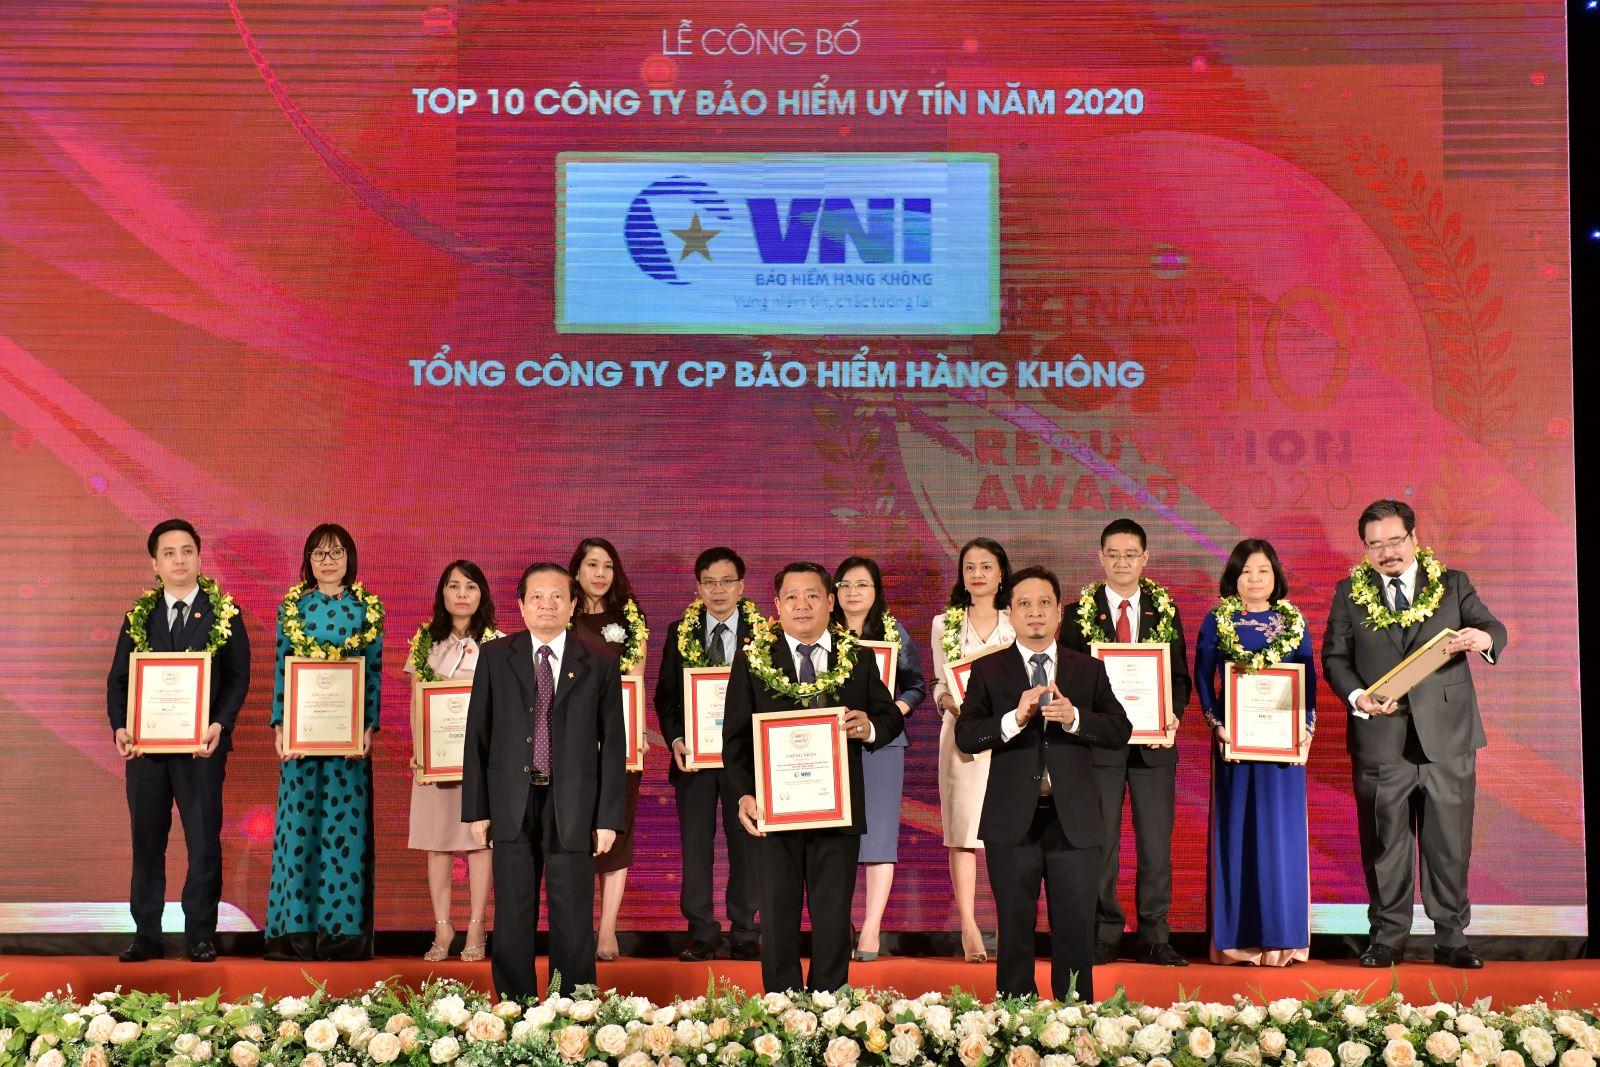 VNI VINH DỰ NHẬN DANH HIỆU TOP 10 CÔNG TY BẢO HIỂM  PHI NHÂN THỌ UY TÍN VÀ FAST500 NĂM 2020